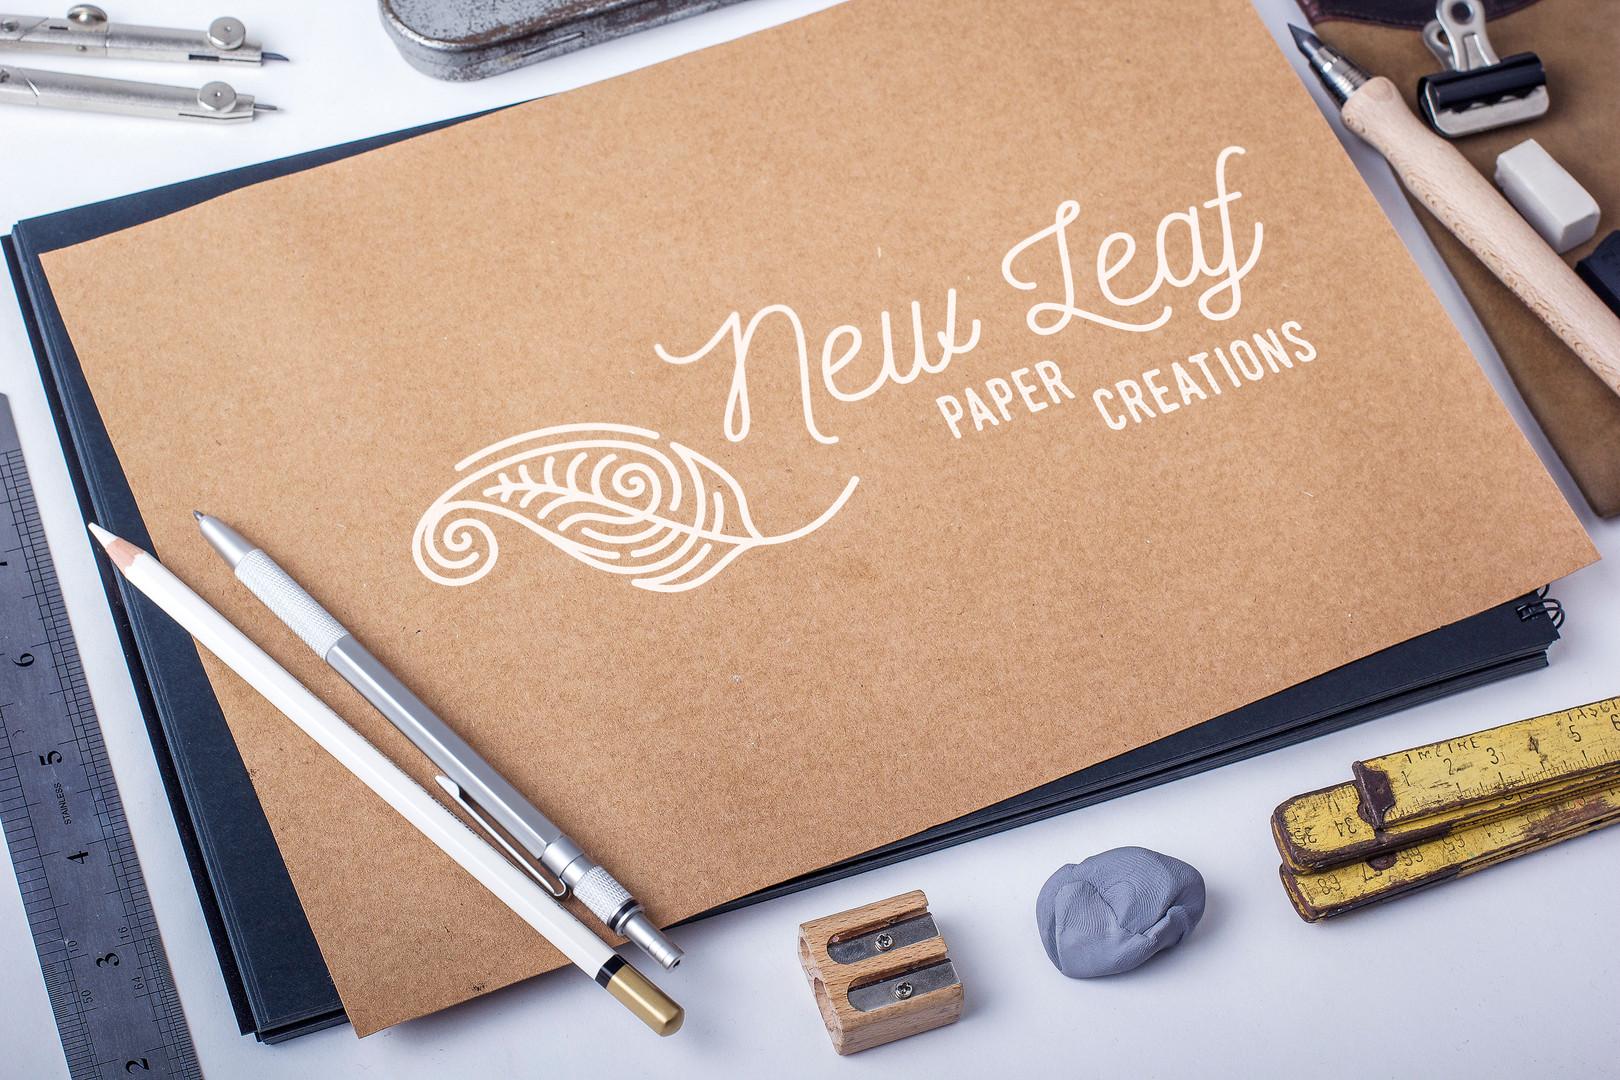 New Leaf paper creations logo